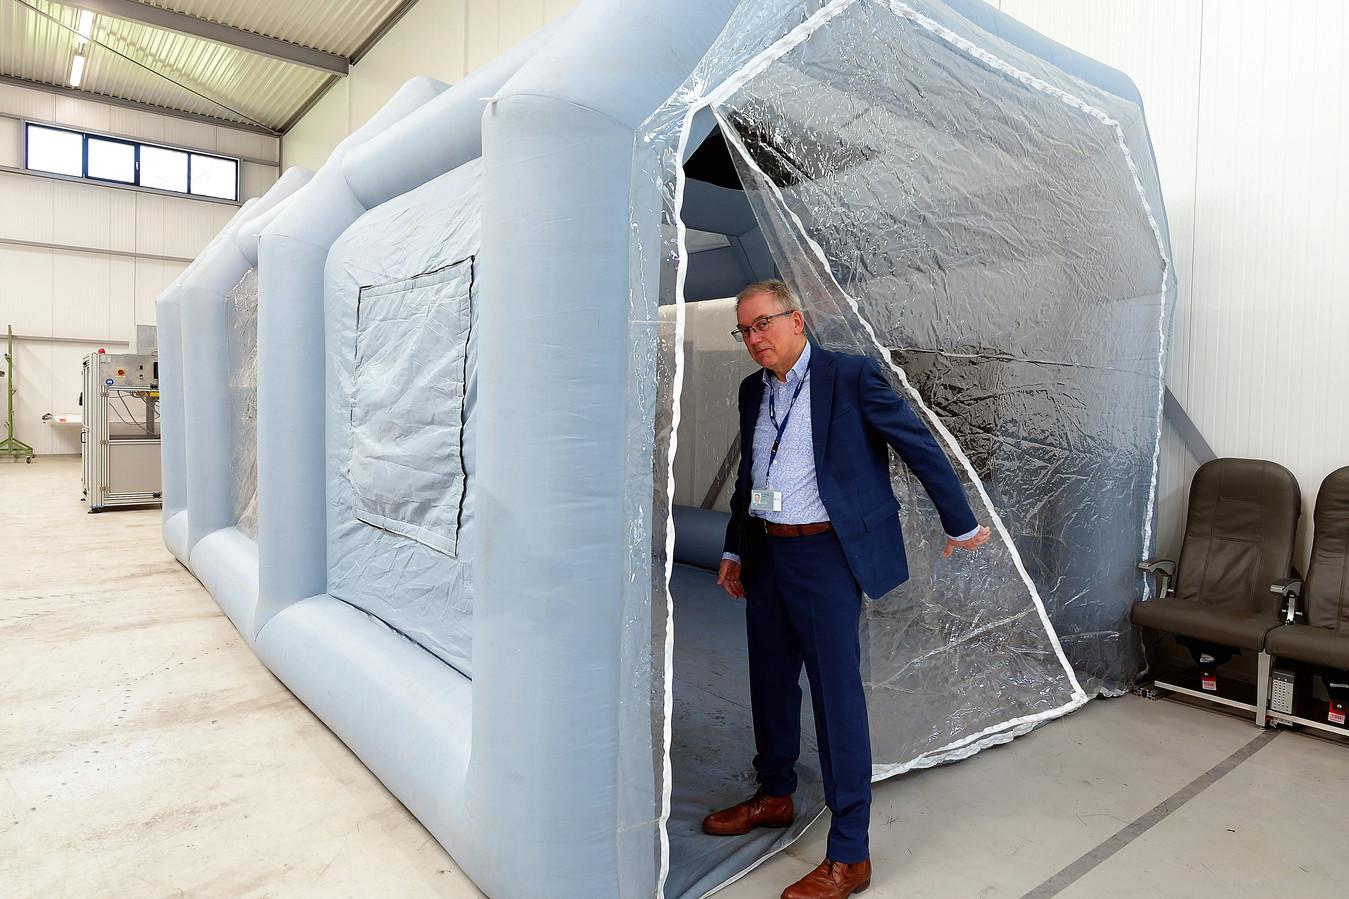 Martin Knegt van composietonderhoudscentrum DCMC op Aviolanda in Hoogerheide bij een cleanroom, waarin onder geconditioneerde omstandigheden kan worden gewerkt.